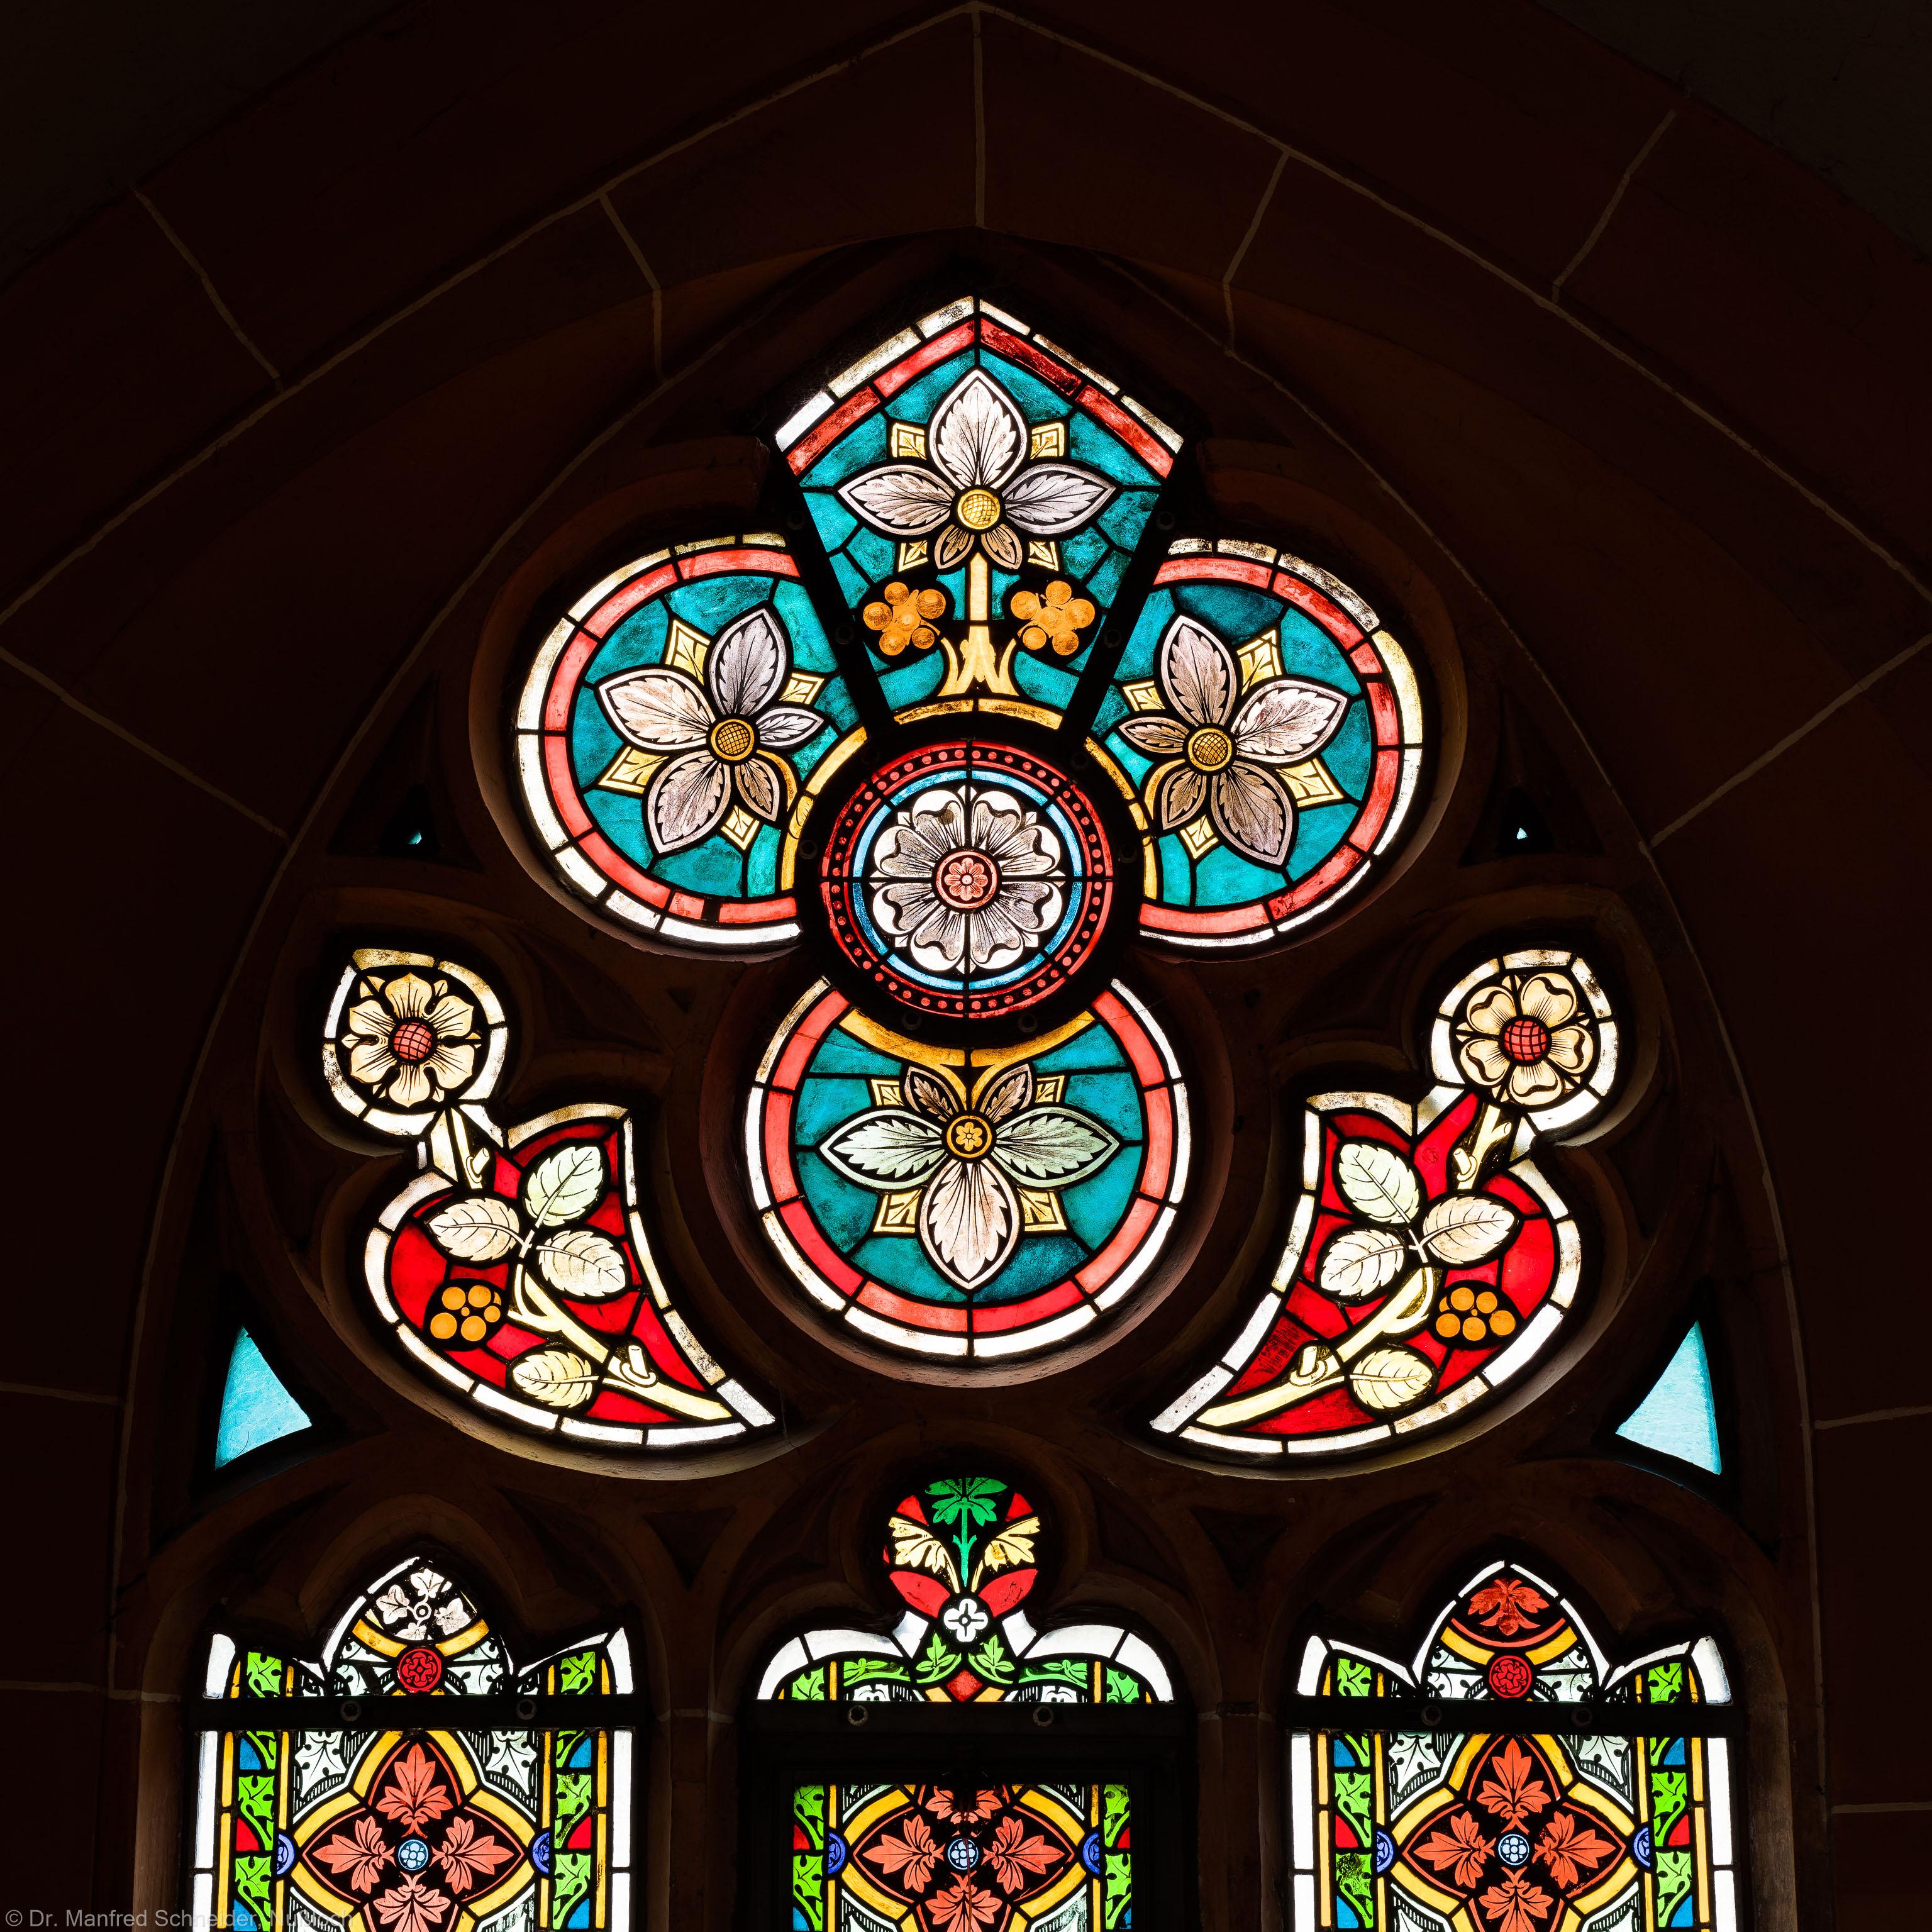 Heidelberg - Heiliggeistkirche - Südschiff - 3. Joch, von Westen aus gezählt - Maßwerk des Ornamentfensters (aufgenommen im Oktober 2015, um die Mittagszeit)